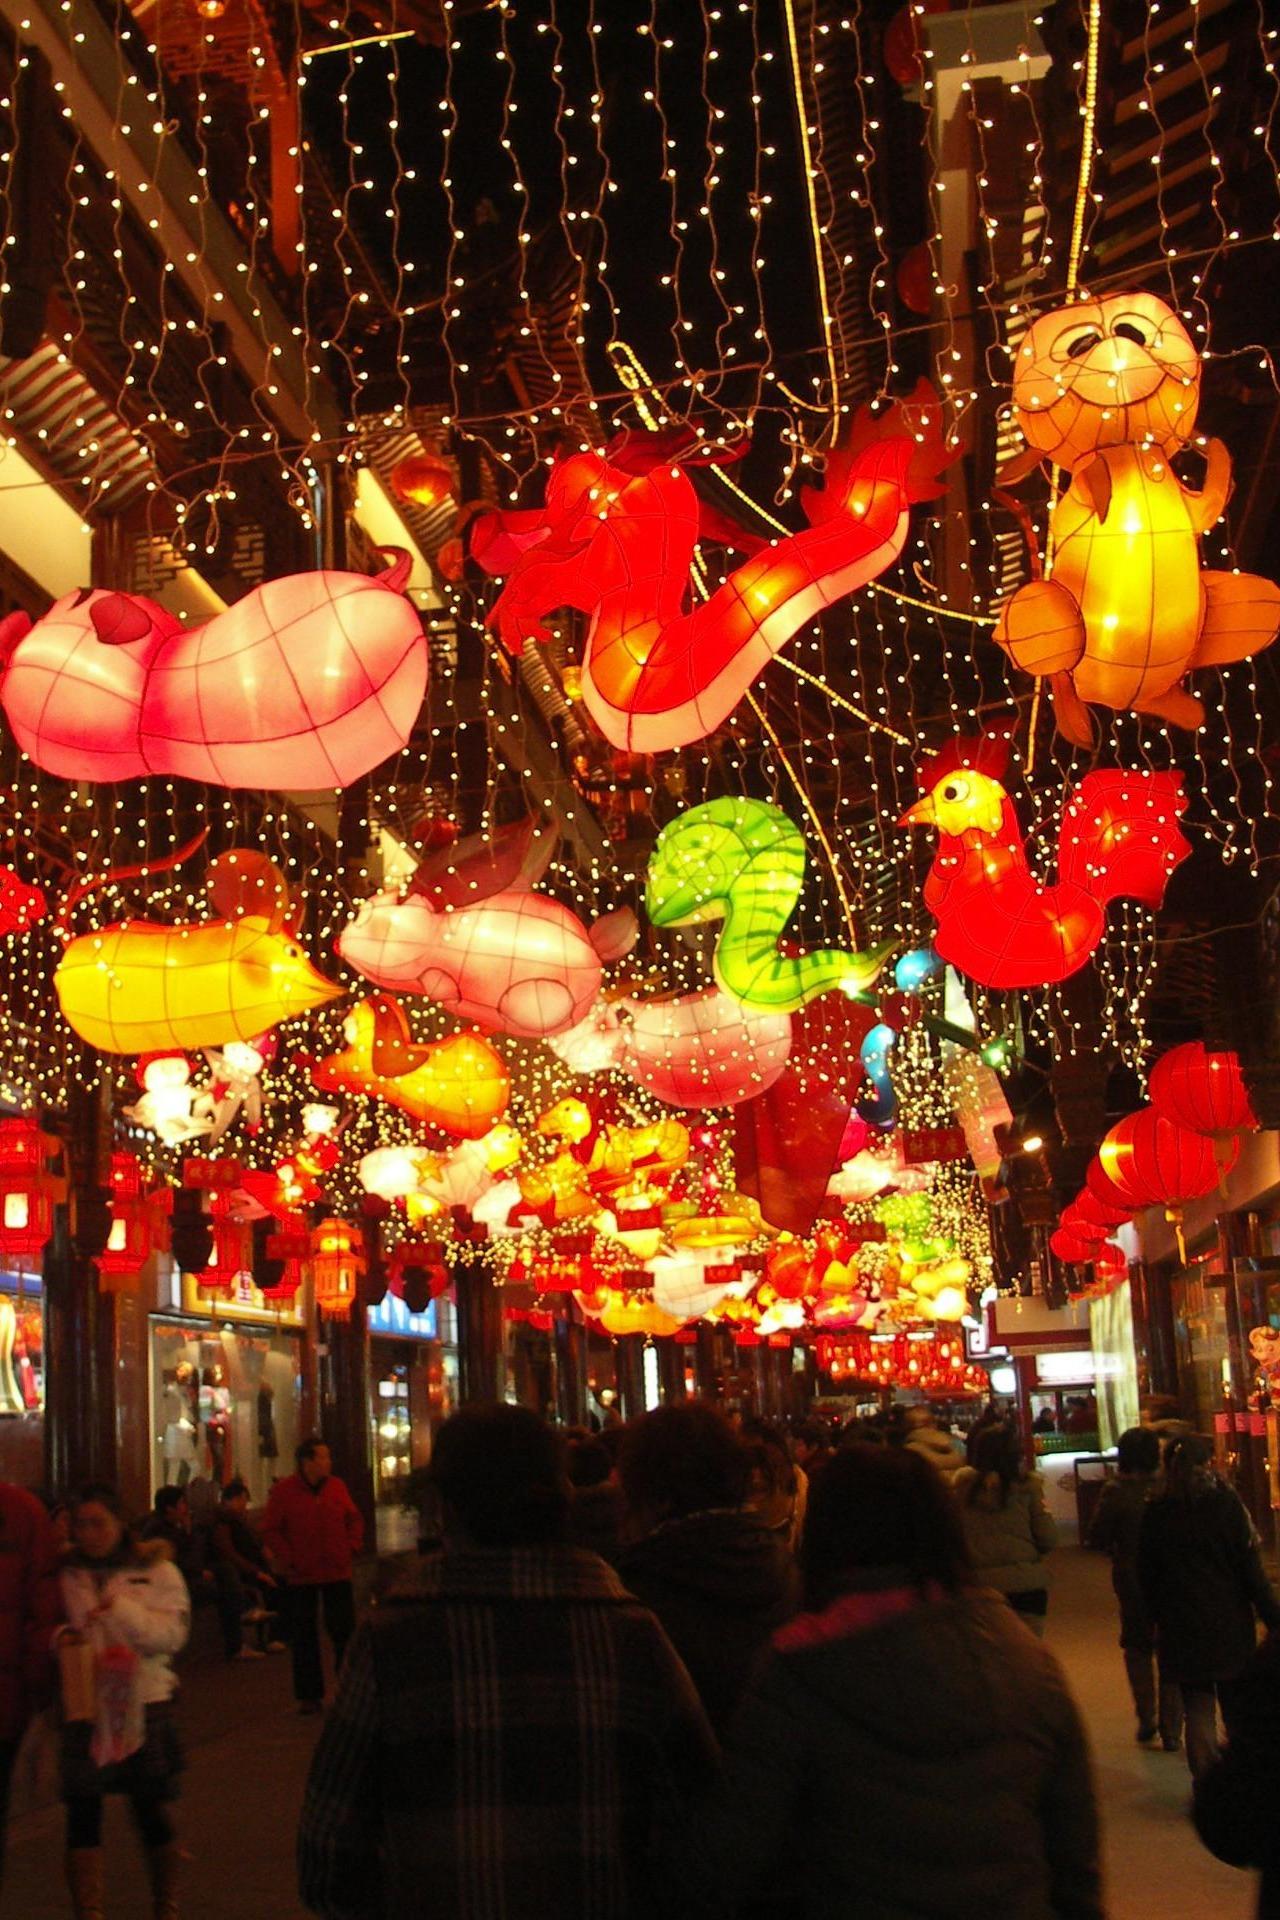 10月25日东钱湖梦幻水上灯会